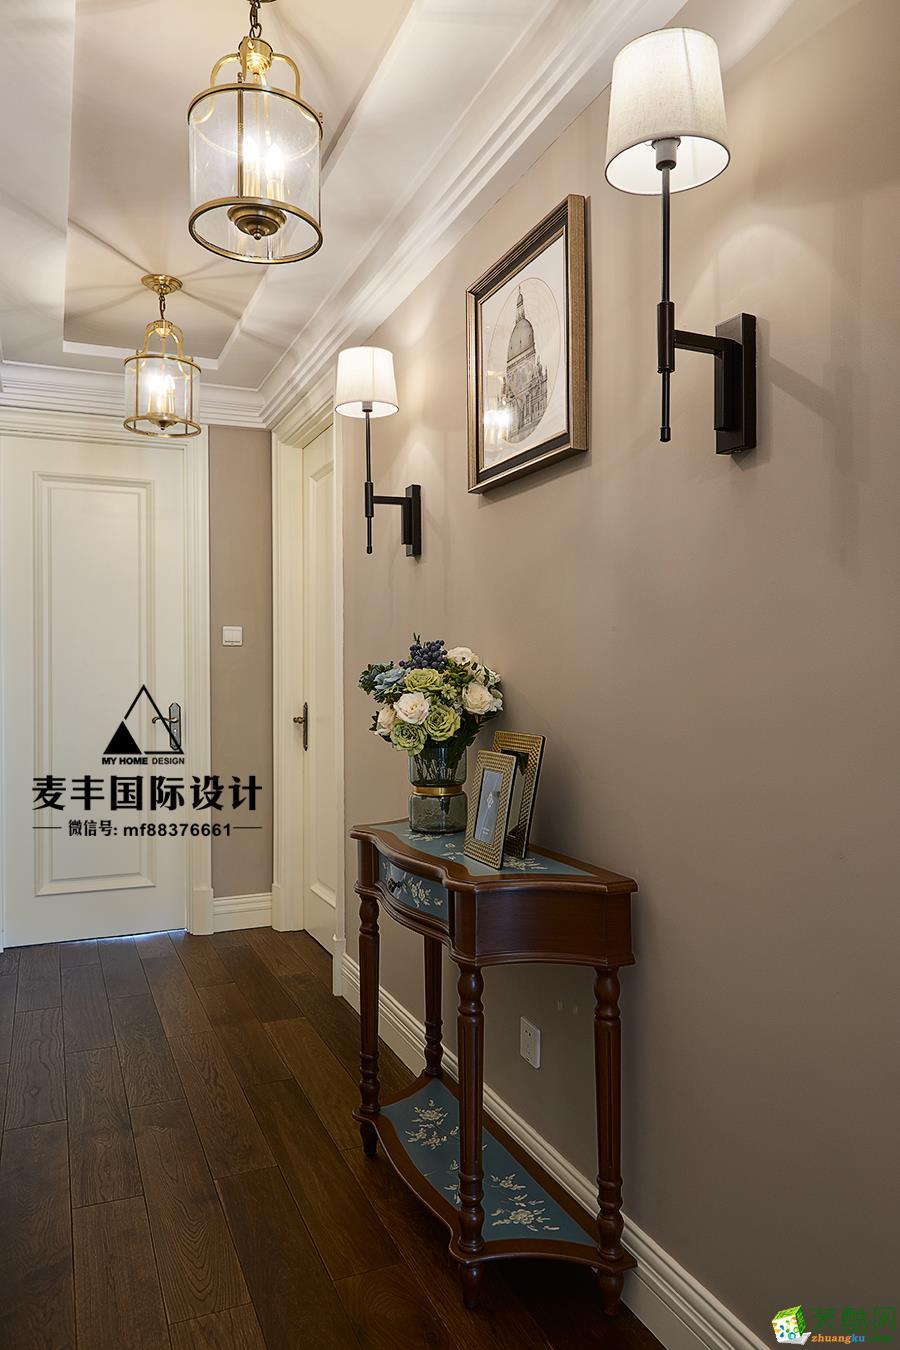 临安四室两厅装修―麦丰设计155�O现代美式风格作品